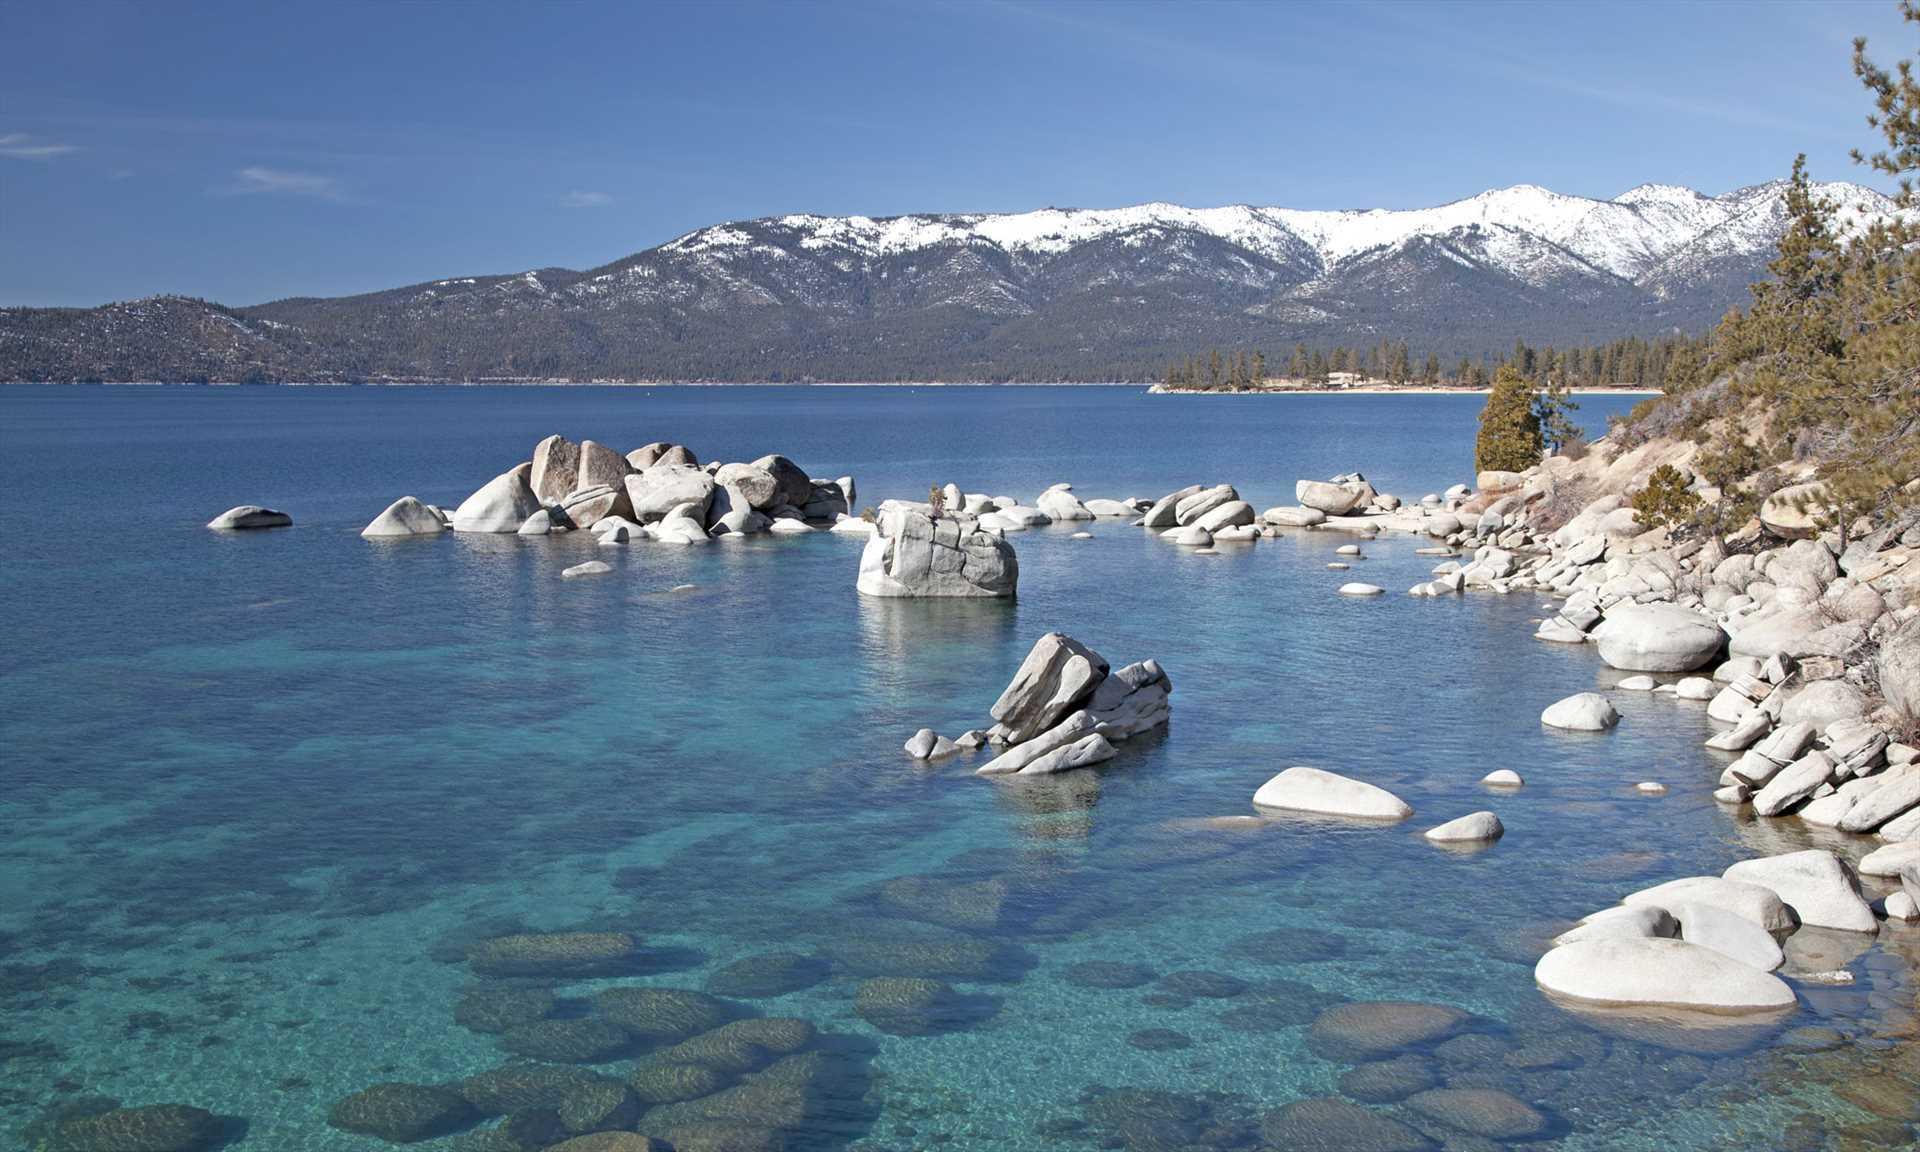 Playing on Lake Tahoe